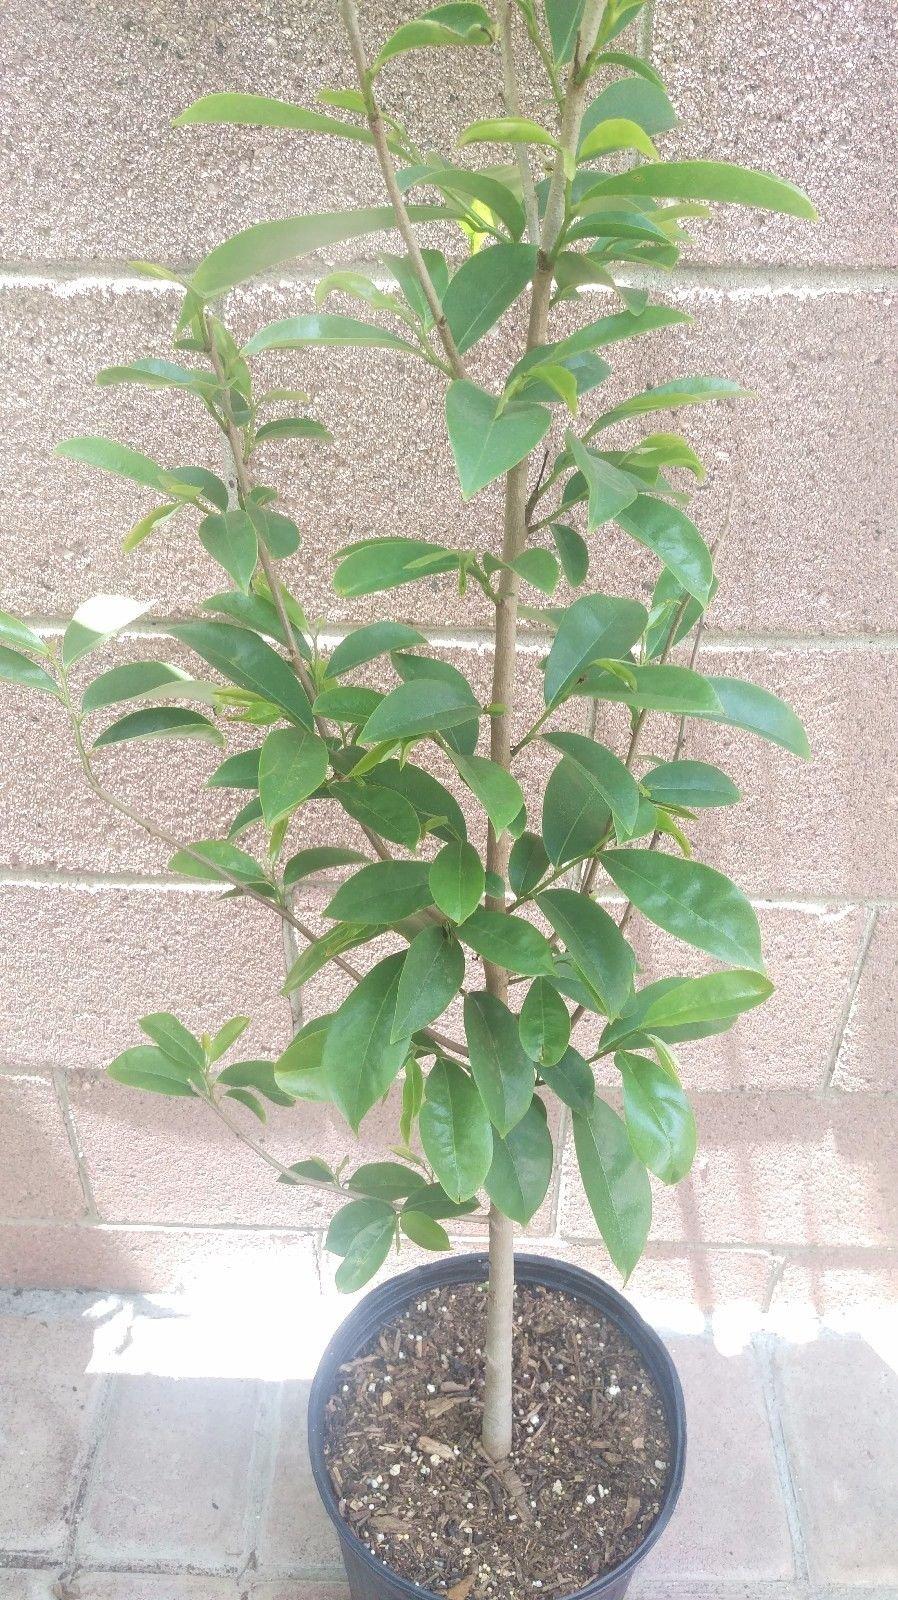 DWARF-SOURSOP (Annona Muricata) Tropical Fruit Tree by bluestargarden168